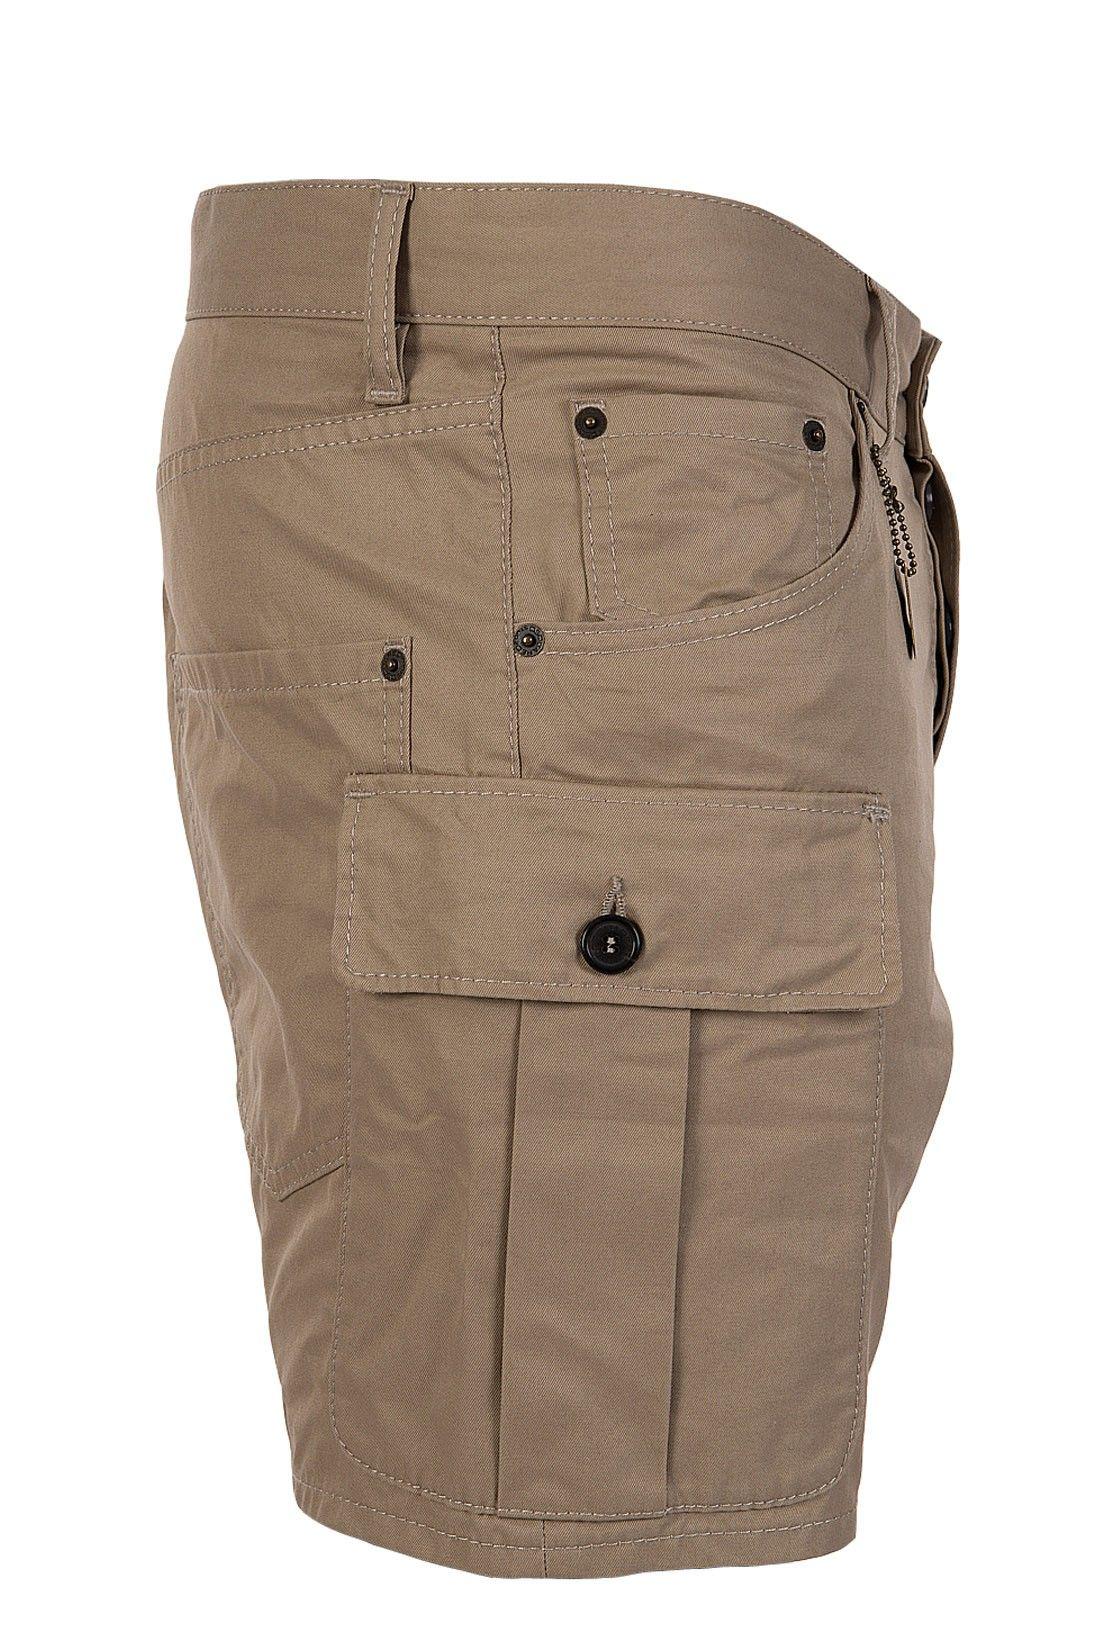 cargo shorts cotton - Google Search